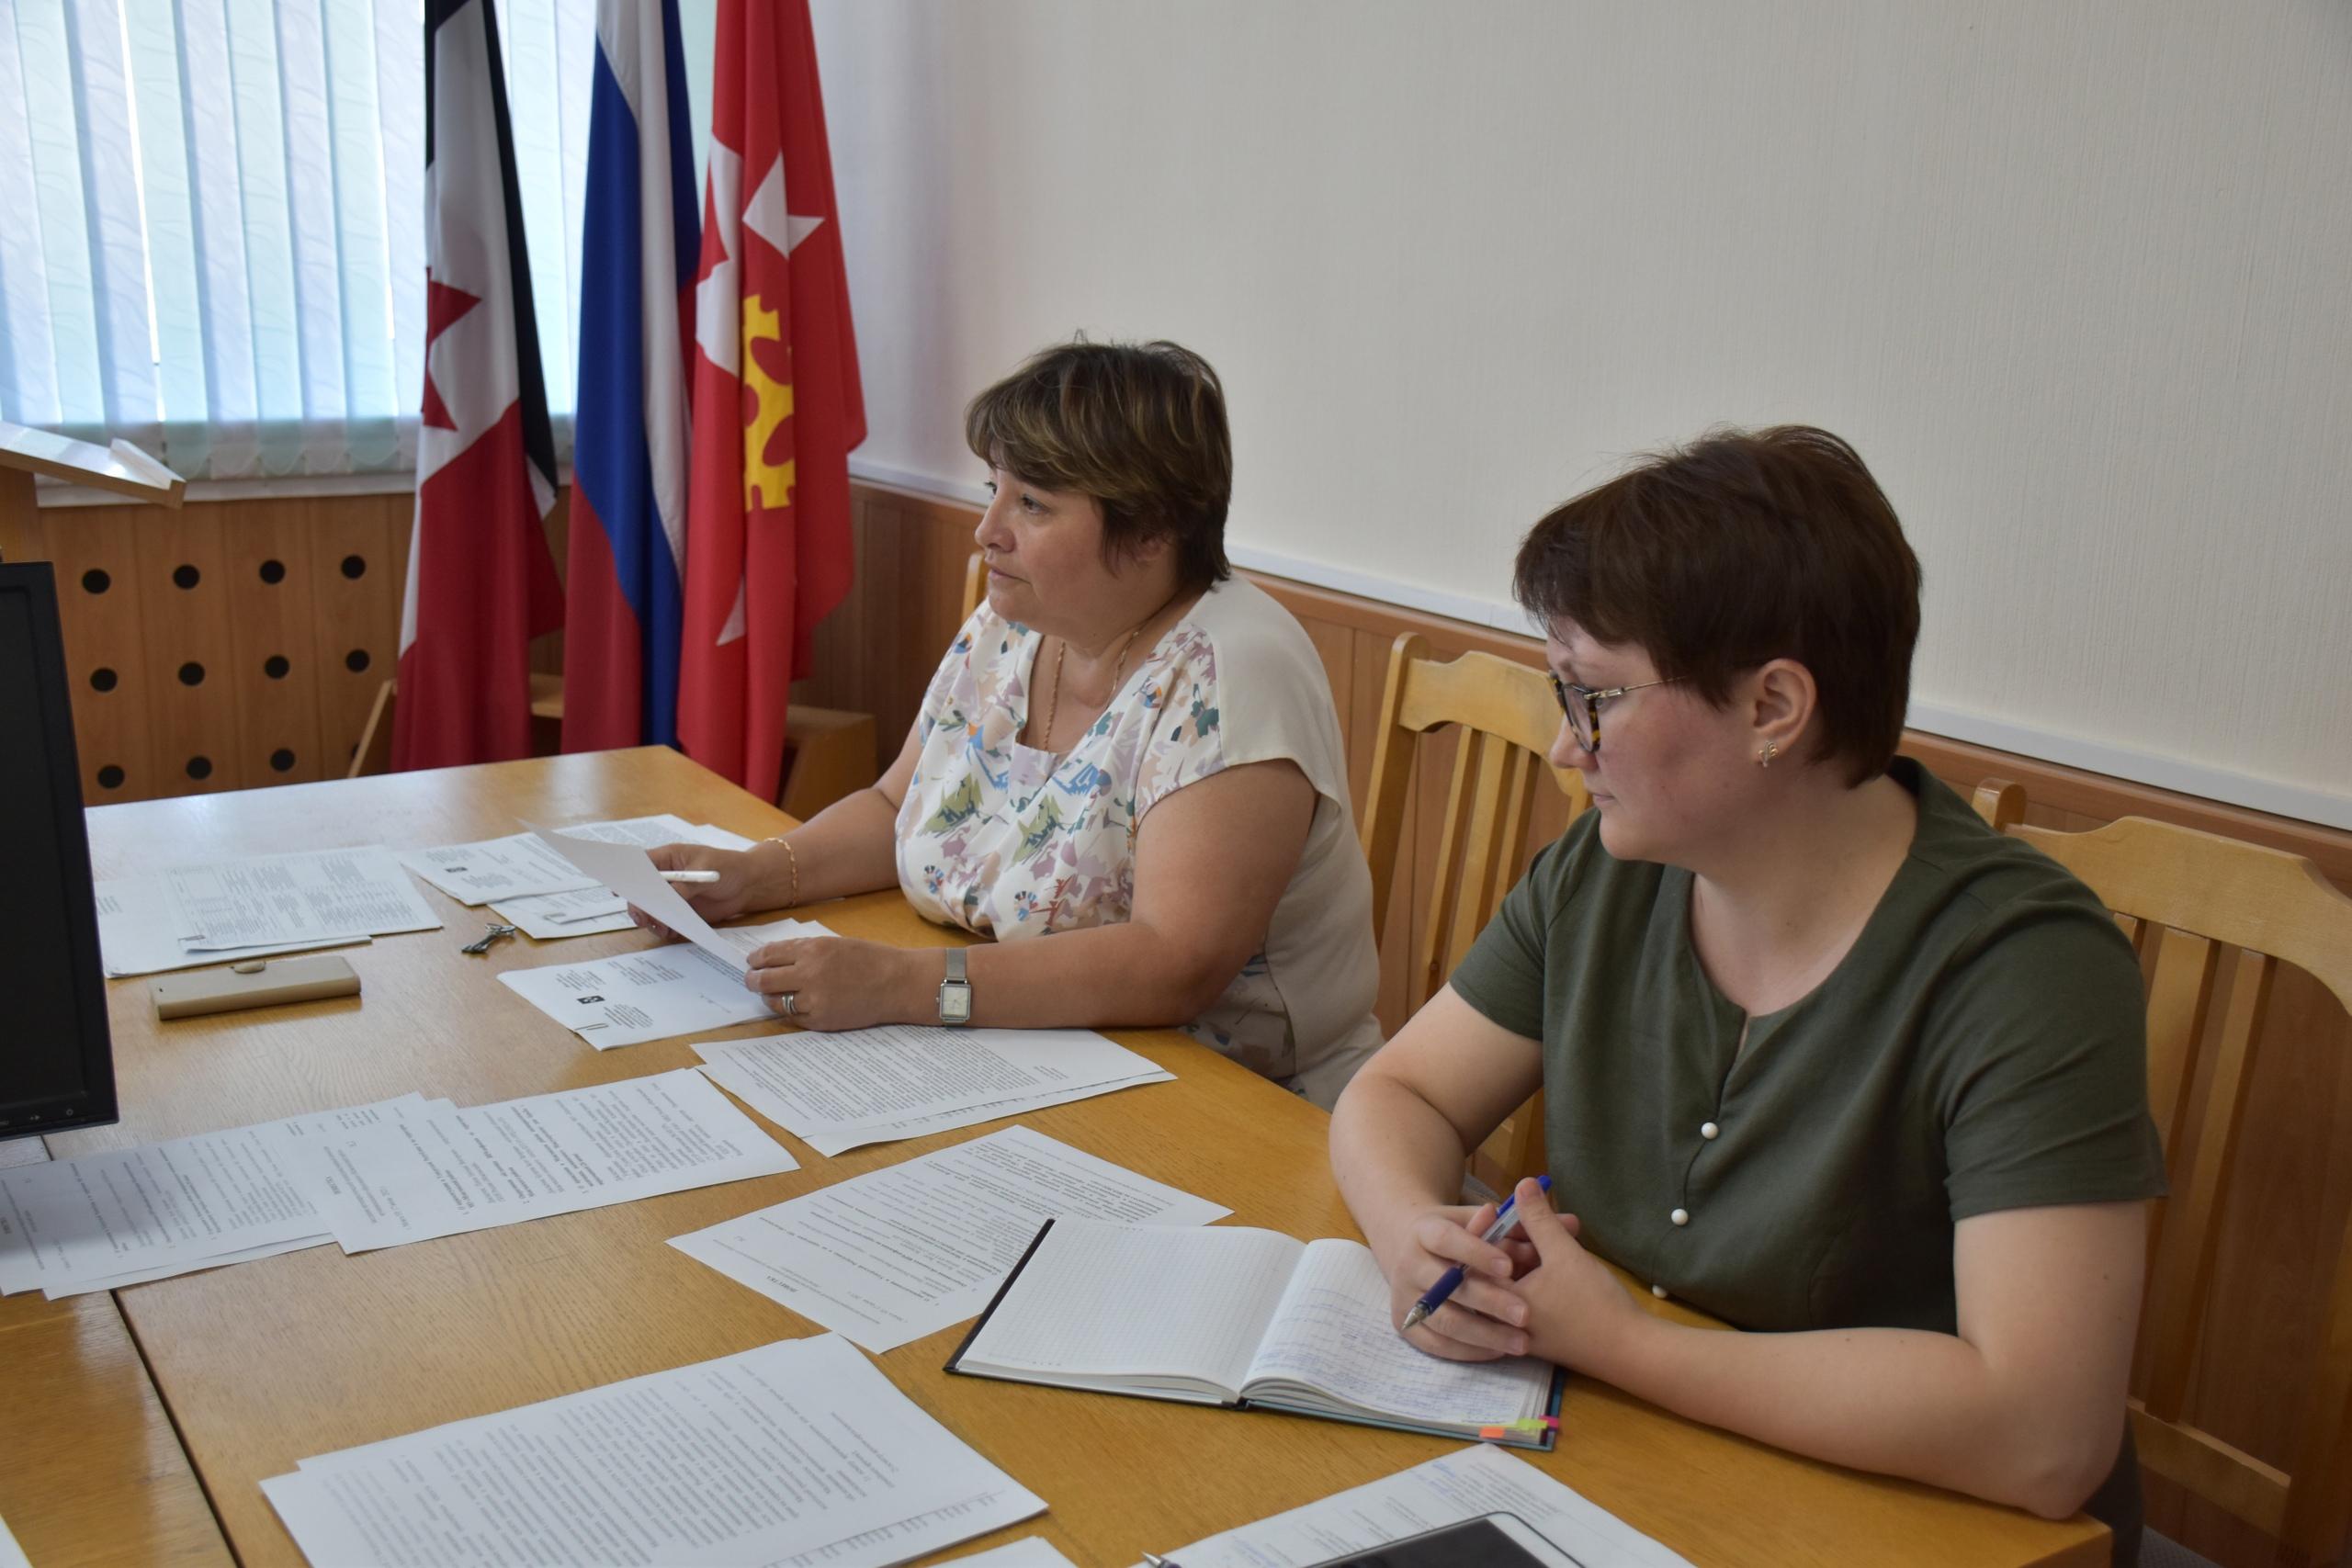 17 июня состоялось второе заседание антинаркотической межведомственной